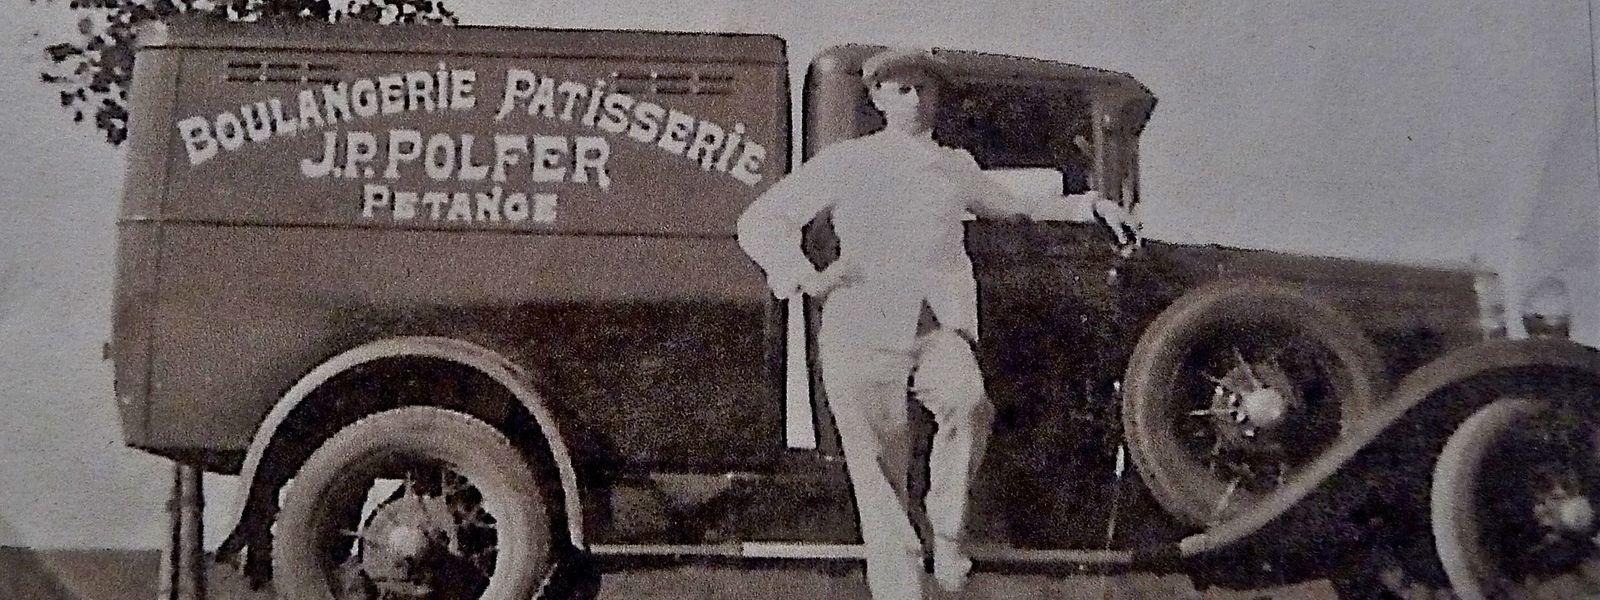 Jean-Pierre Polfer posiert vor seinem Bäckerfahrzeug.